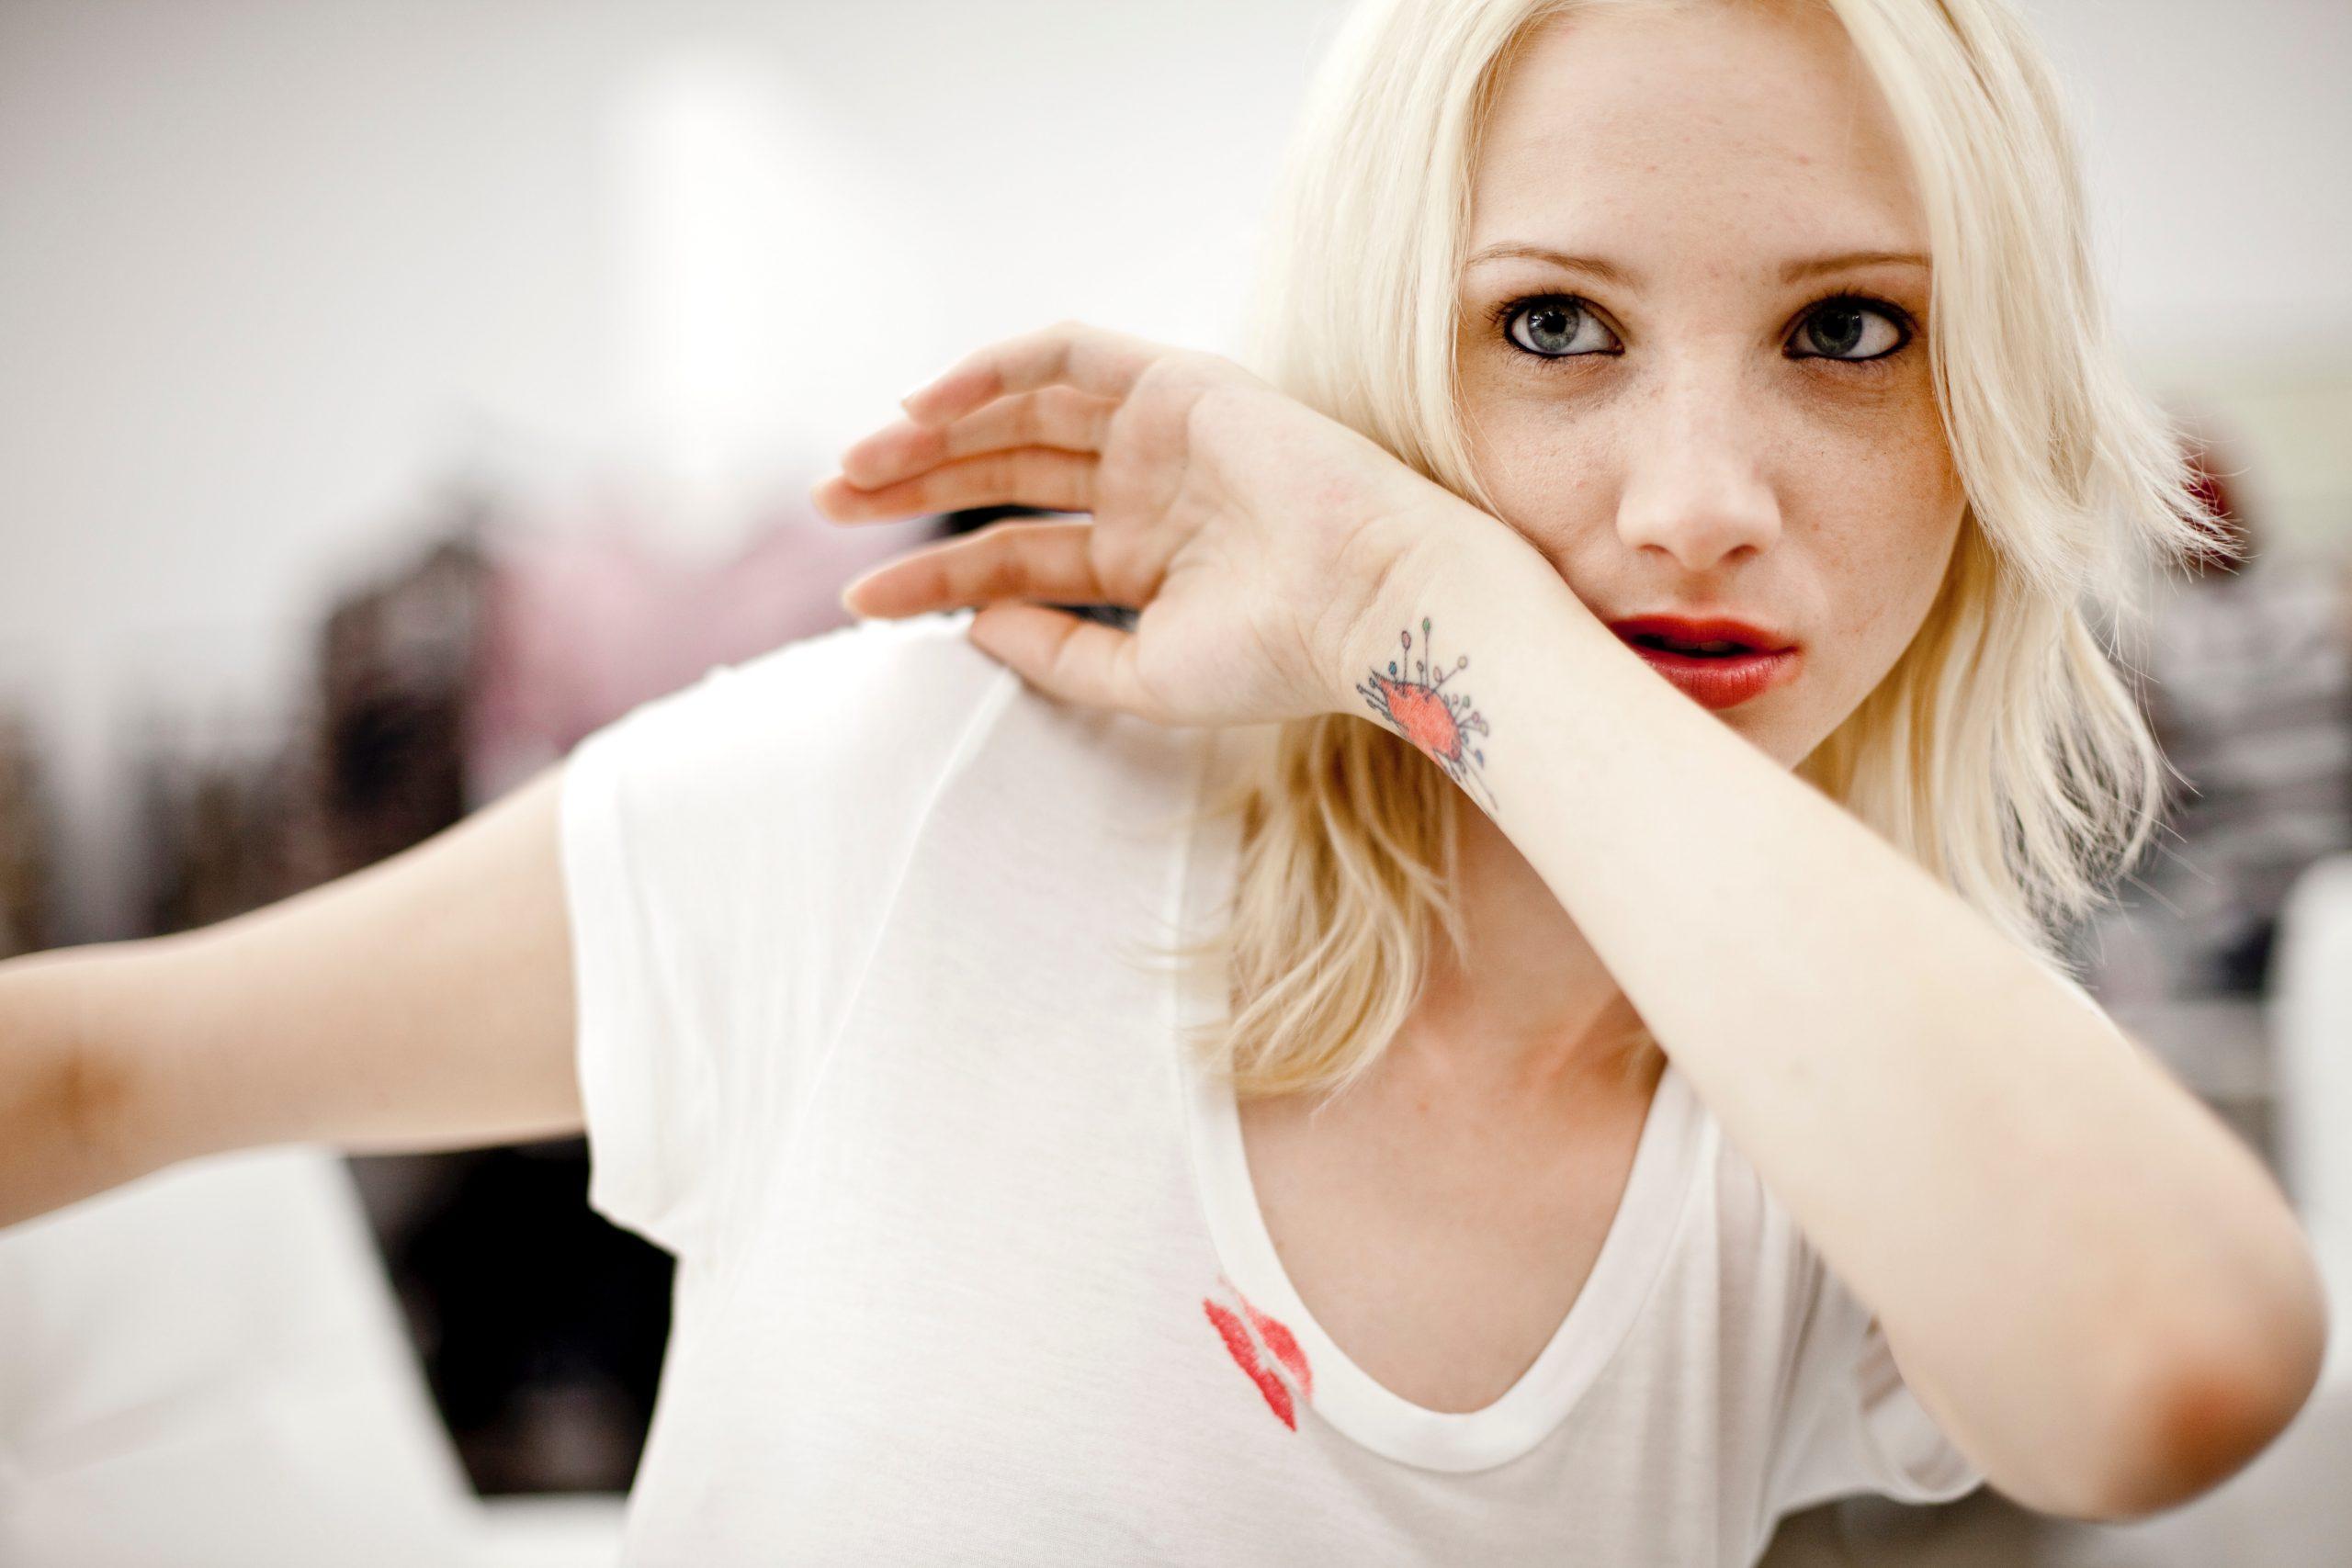 Comment choisir son tatouage ? 10 conseils pratiques 1